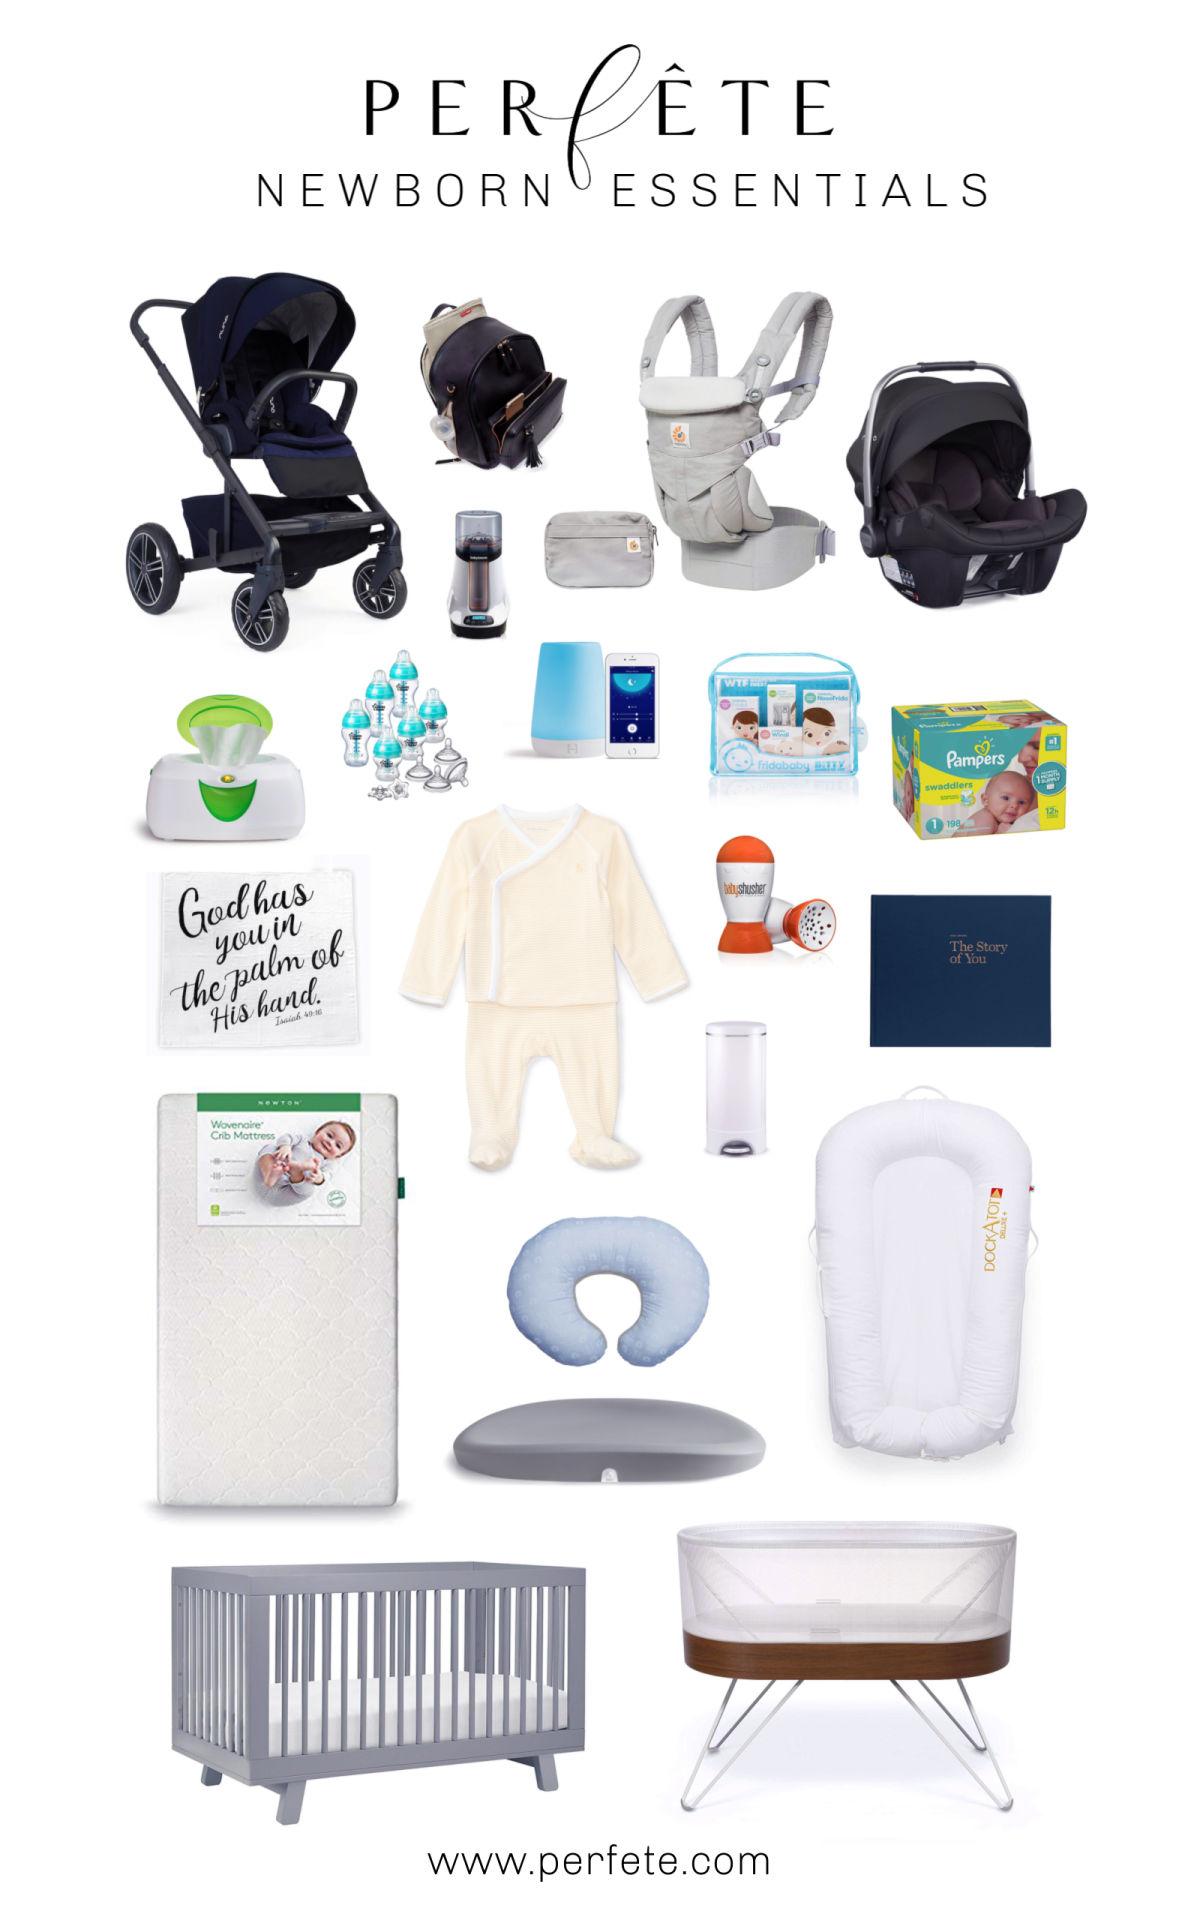 The Perfete newborn essentials baby list